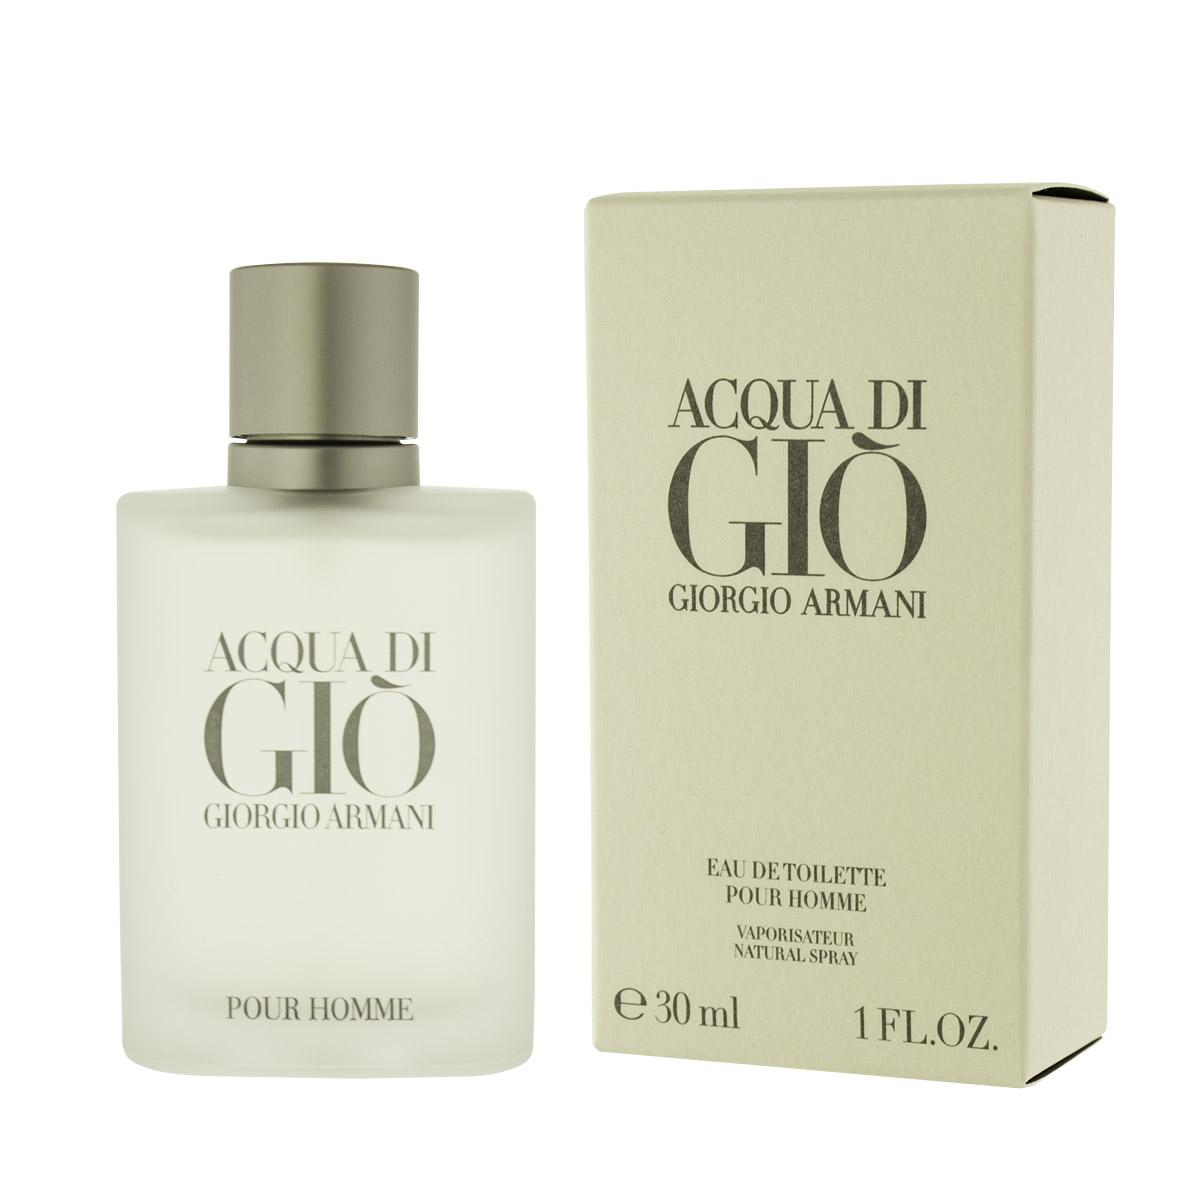 Armani Giorgio Acqua di Gio Pour Homme EDT 30 ml M